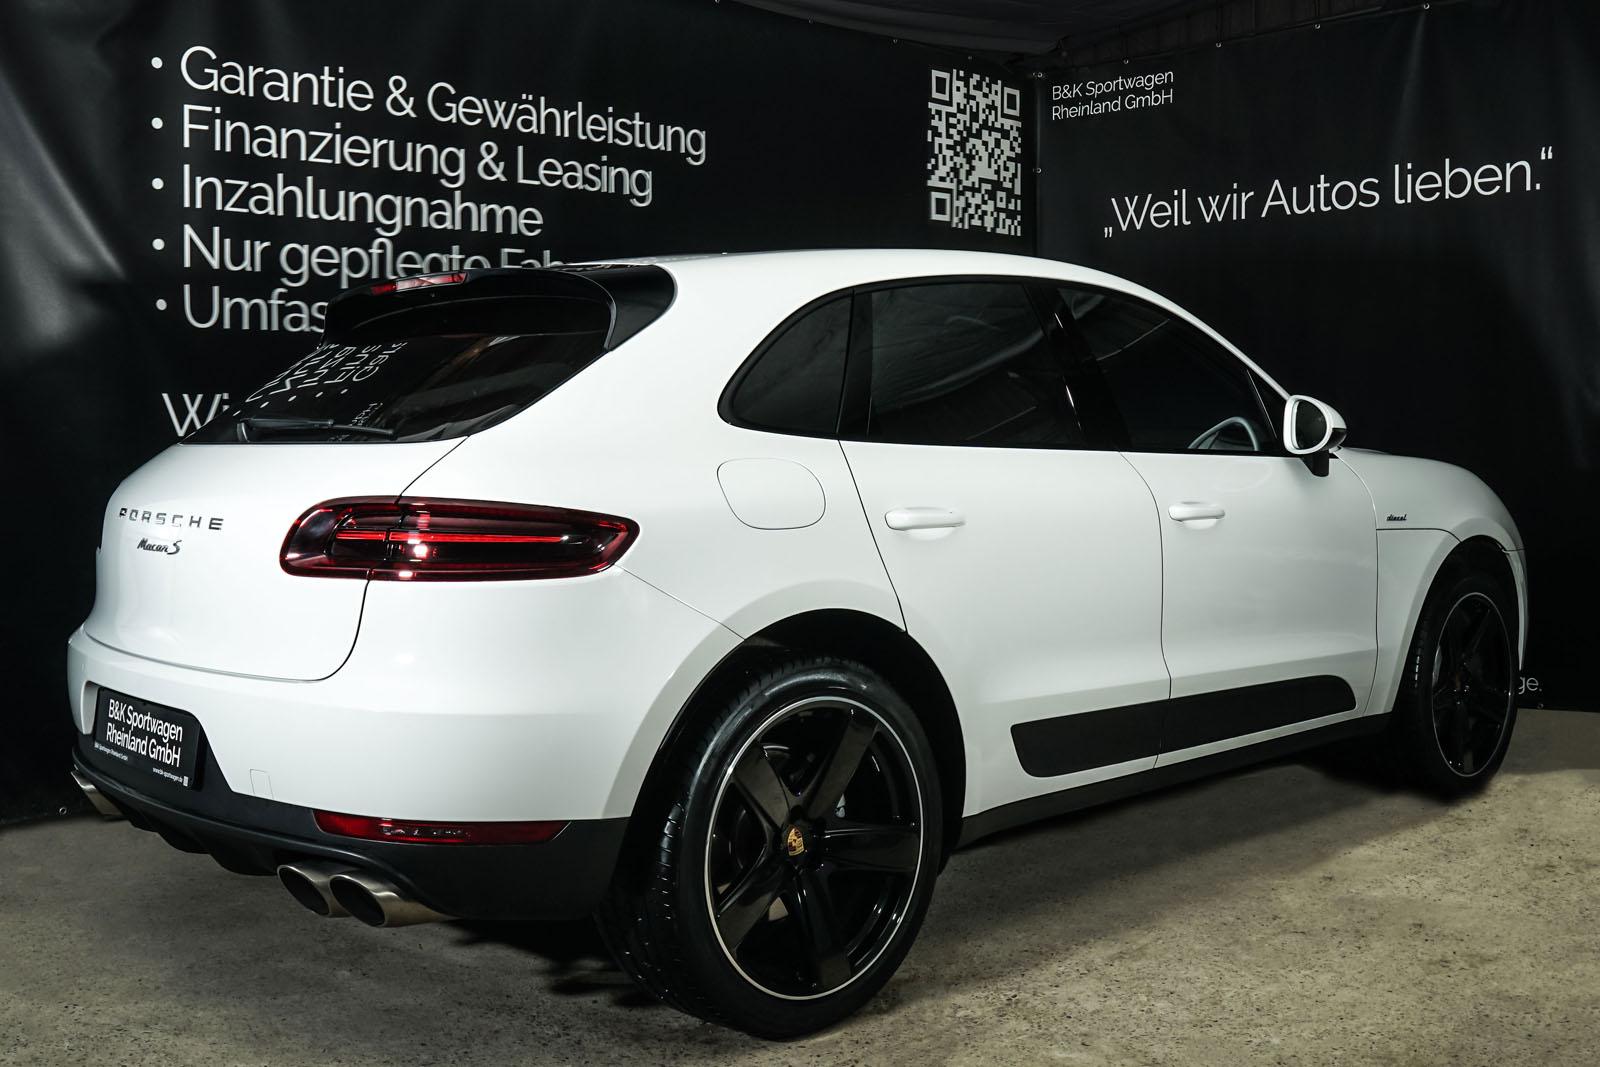 Porsche_Macan_S_Weiß_Schwarz_Por-3526_13_w